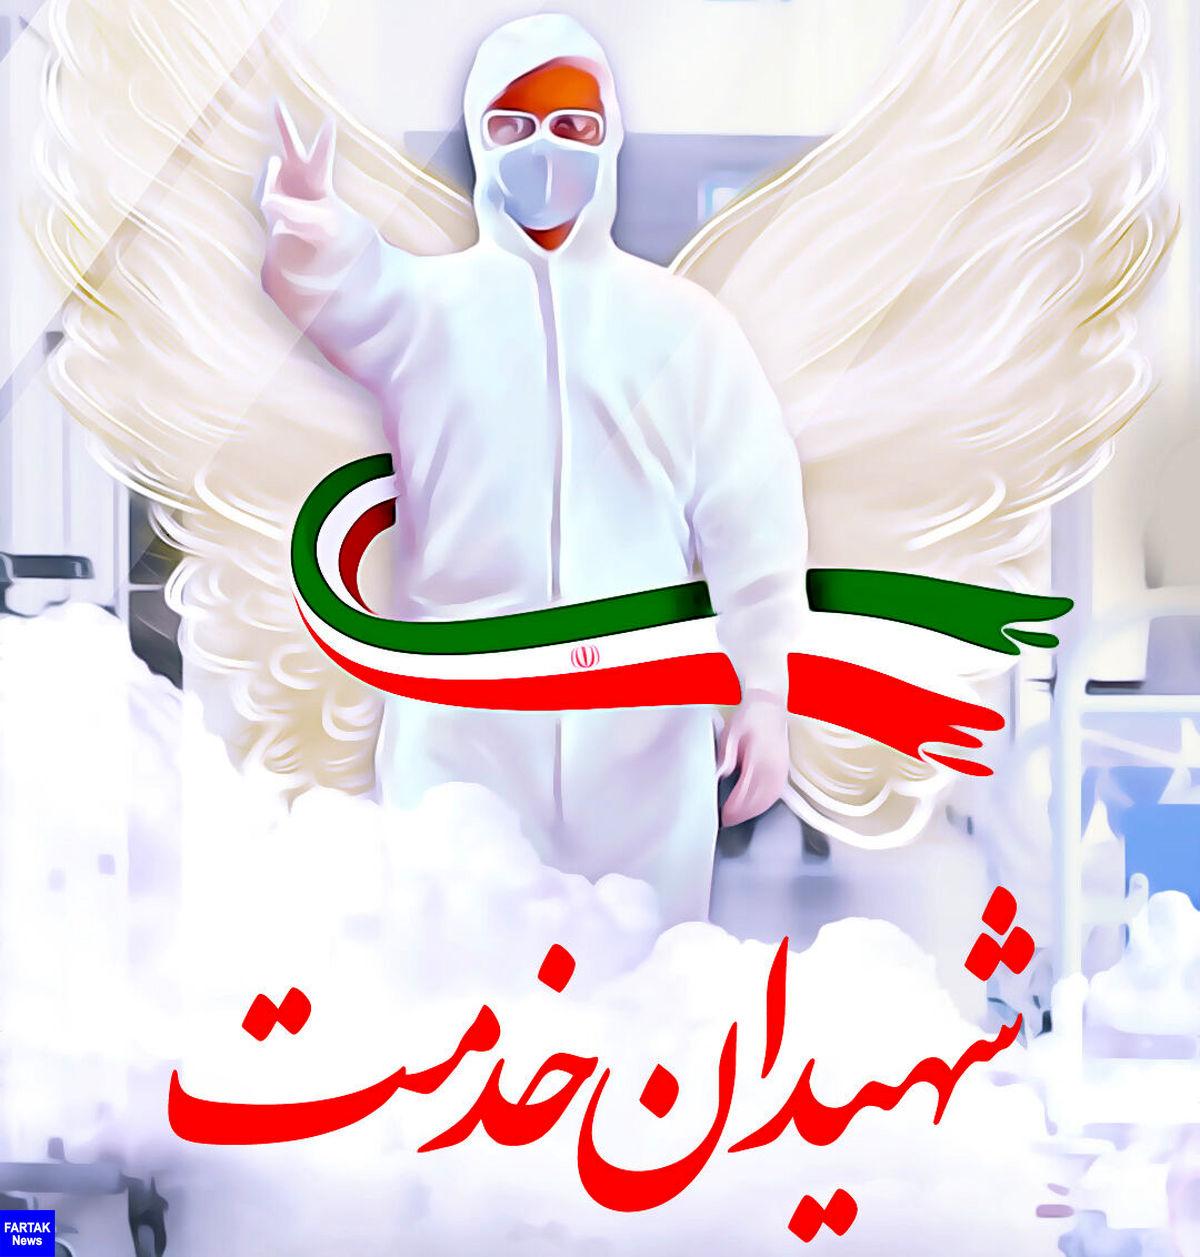 دکتر عباس صفرپور نخستین شهید راه سلامت فیروزآباد